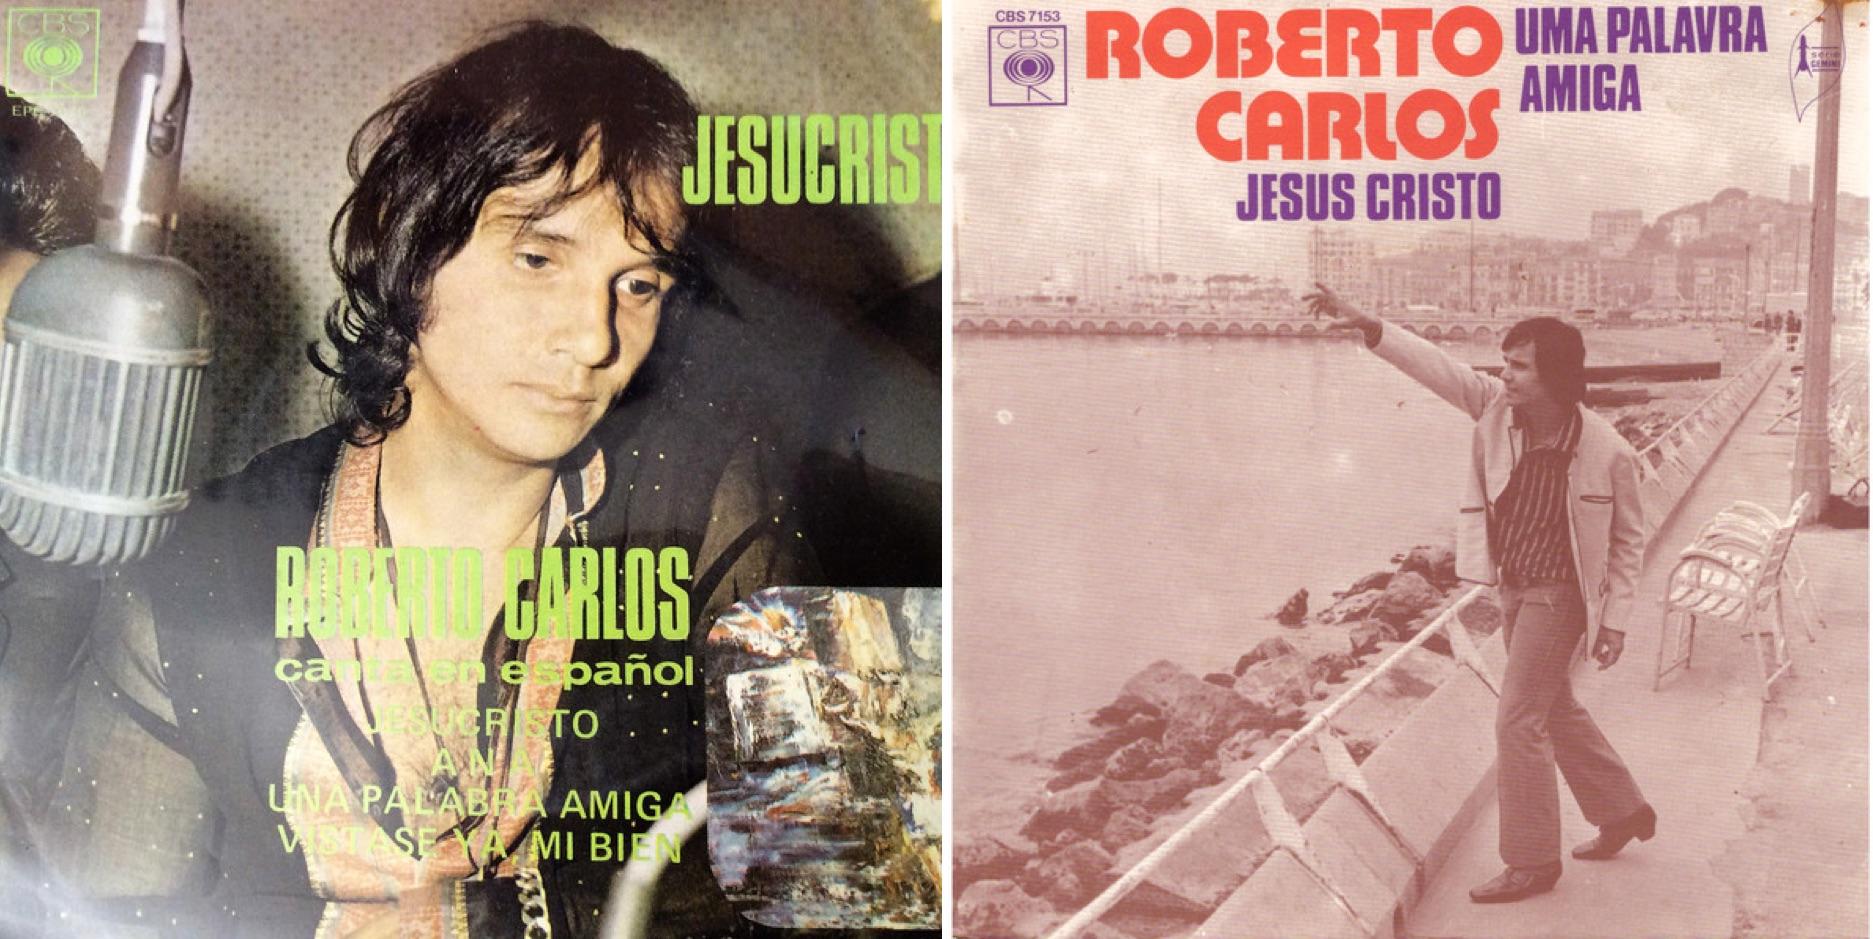 """Discos sencillos de """"Jesús Cristo"""" en español y portugués."""